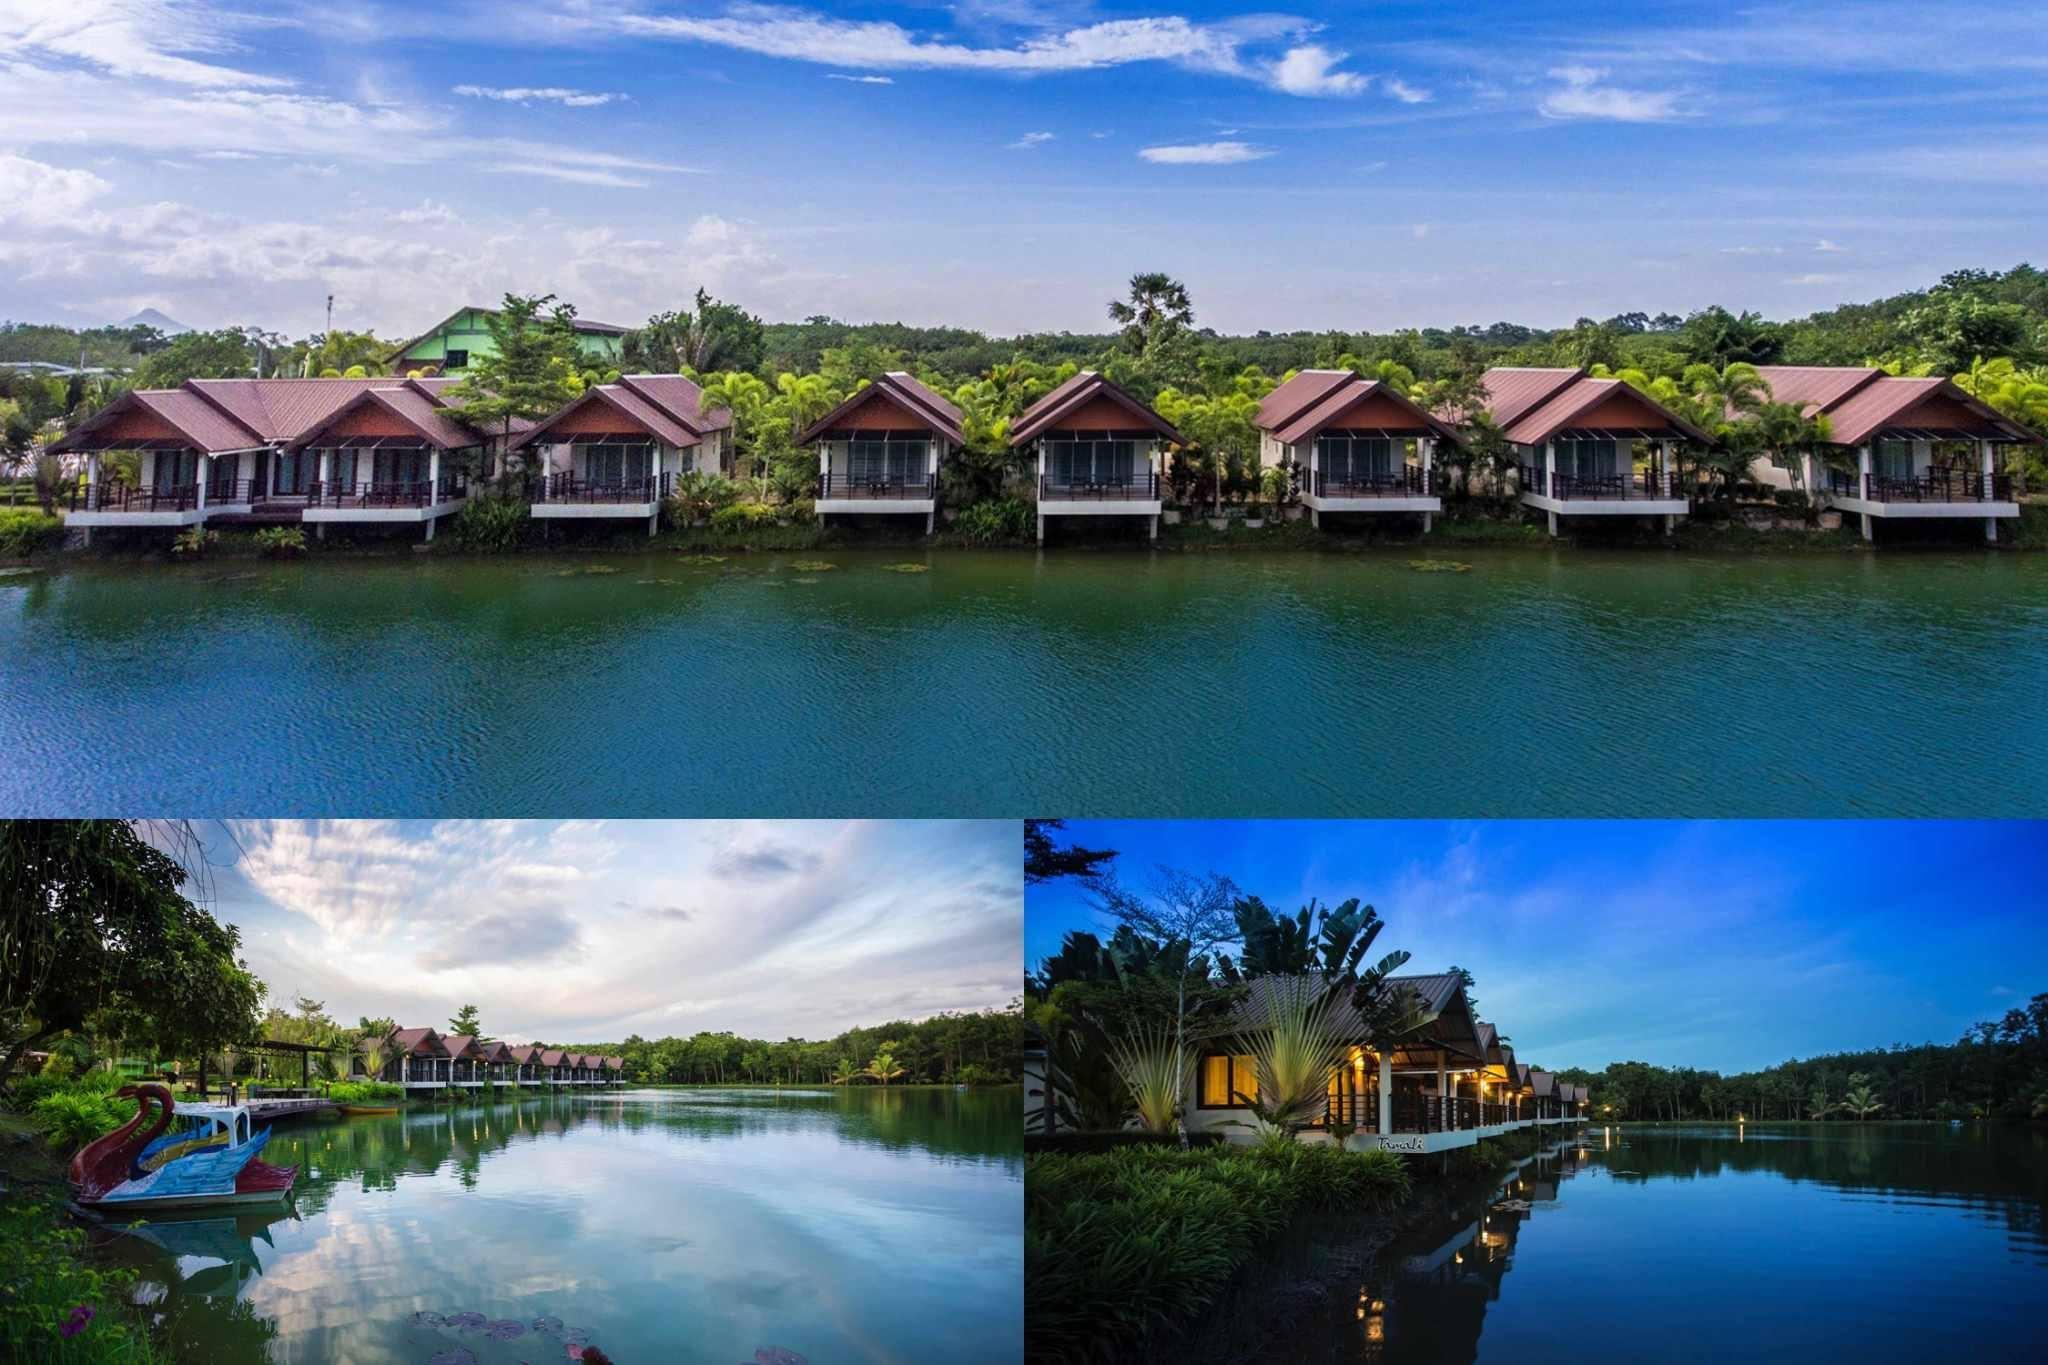 จุดเด่นของโรงแรมคือห้องพักที่อยู่ท่ามกลางป่าท่ามกลางต้นไม้สีเขียว-เงียบสงบ-ให้การพักผ่อนได้แบบ-100%-จริงๆครับ ที่พัก,นครศรีธรรมราช,โรมแรม,รีสอร์ท,อพาร์ทเม้นต์,กลางเมือง,ห้องพัก,วิวหลักล้าน,คาเฟ่